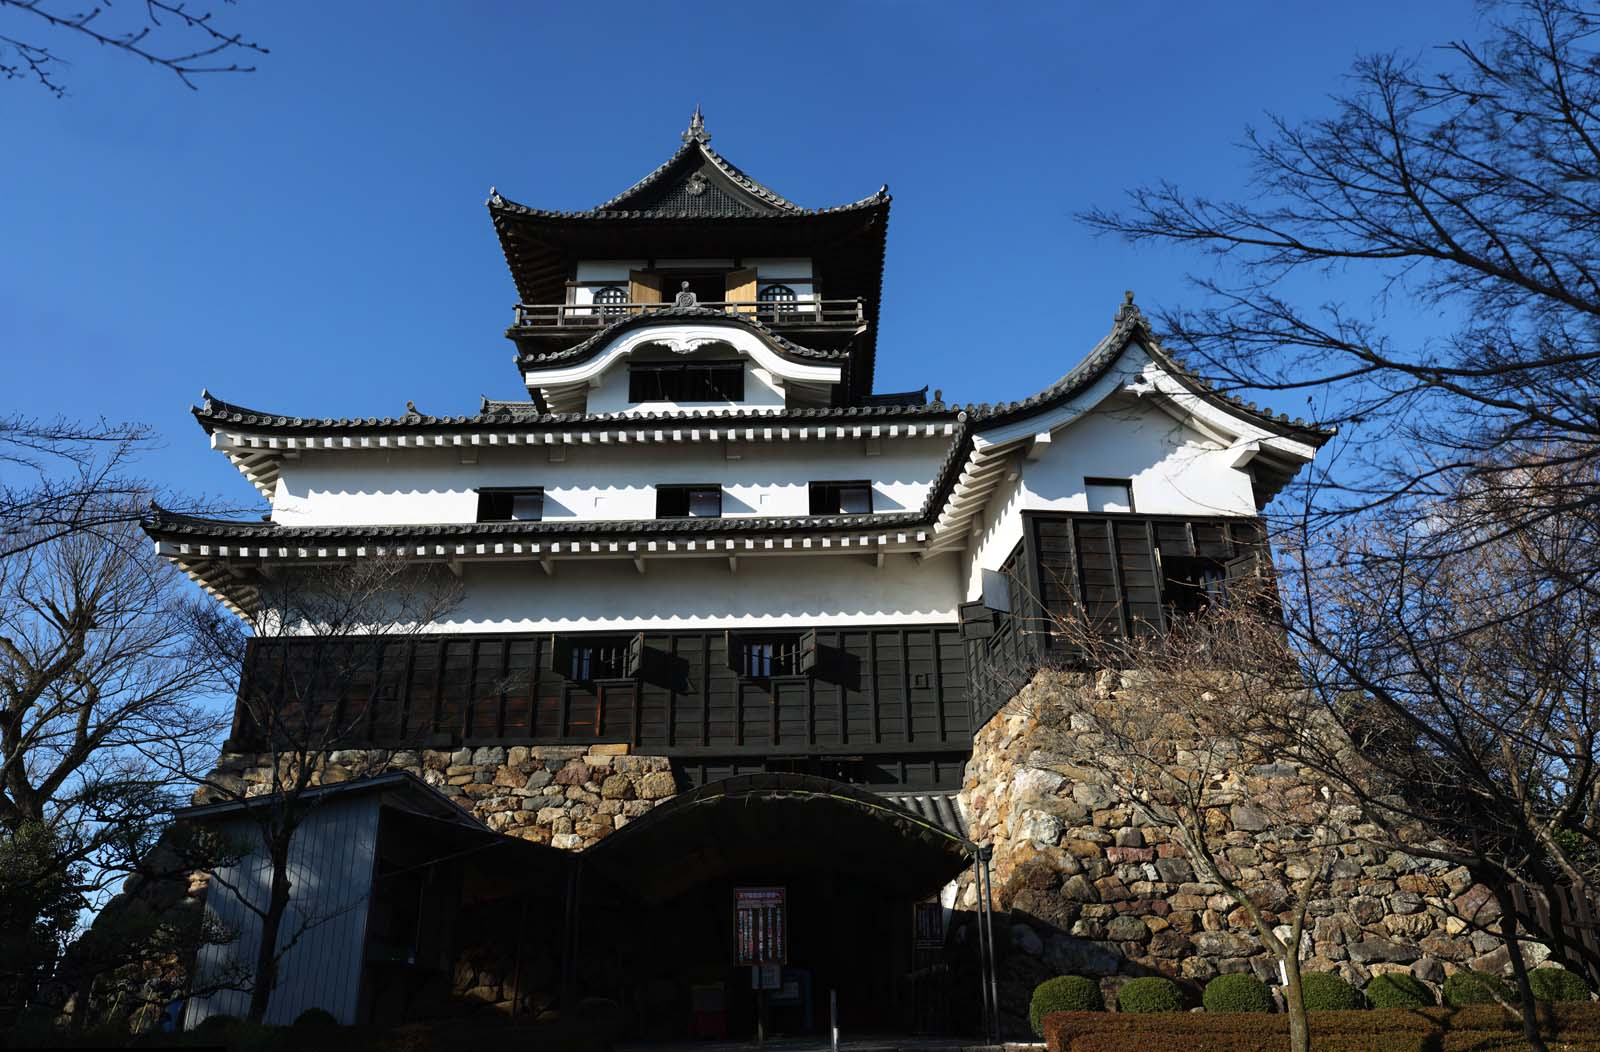 photo, la matière, libre, aménage, décrivez, photo de la réserve,Inuyama-jo tour du château du Château, château, trésor national, , Nobuyasu Oda